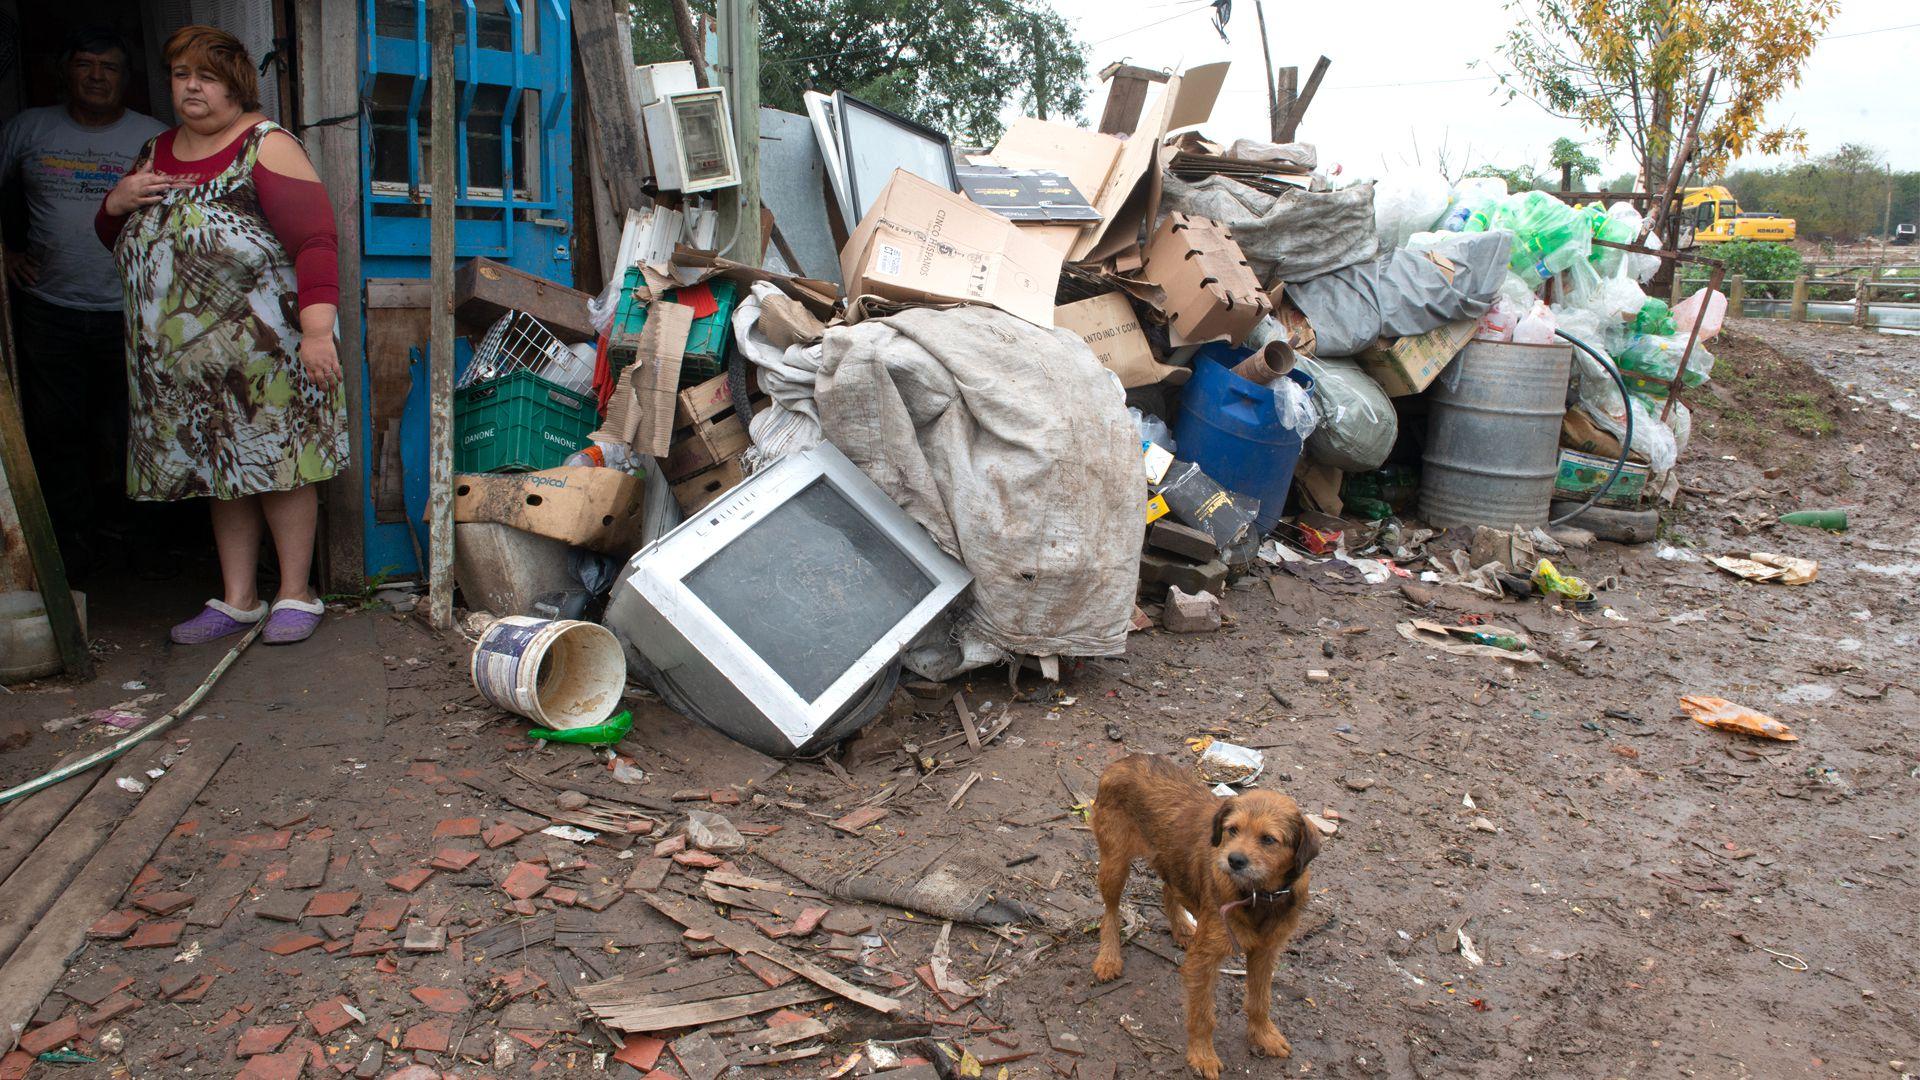 #DEF-Pobreza-Interior-II